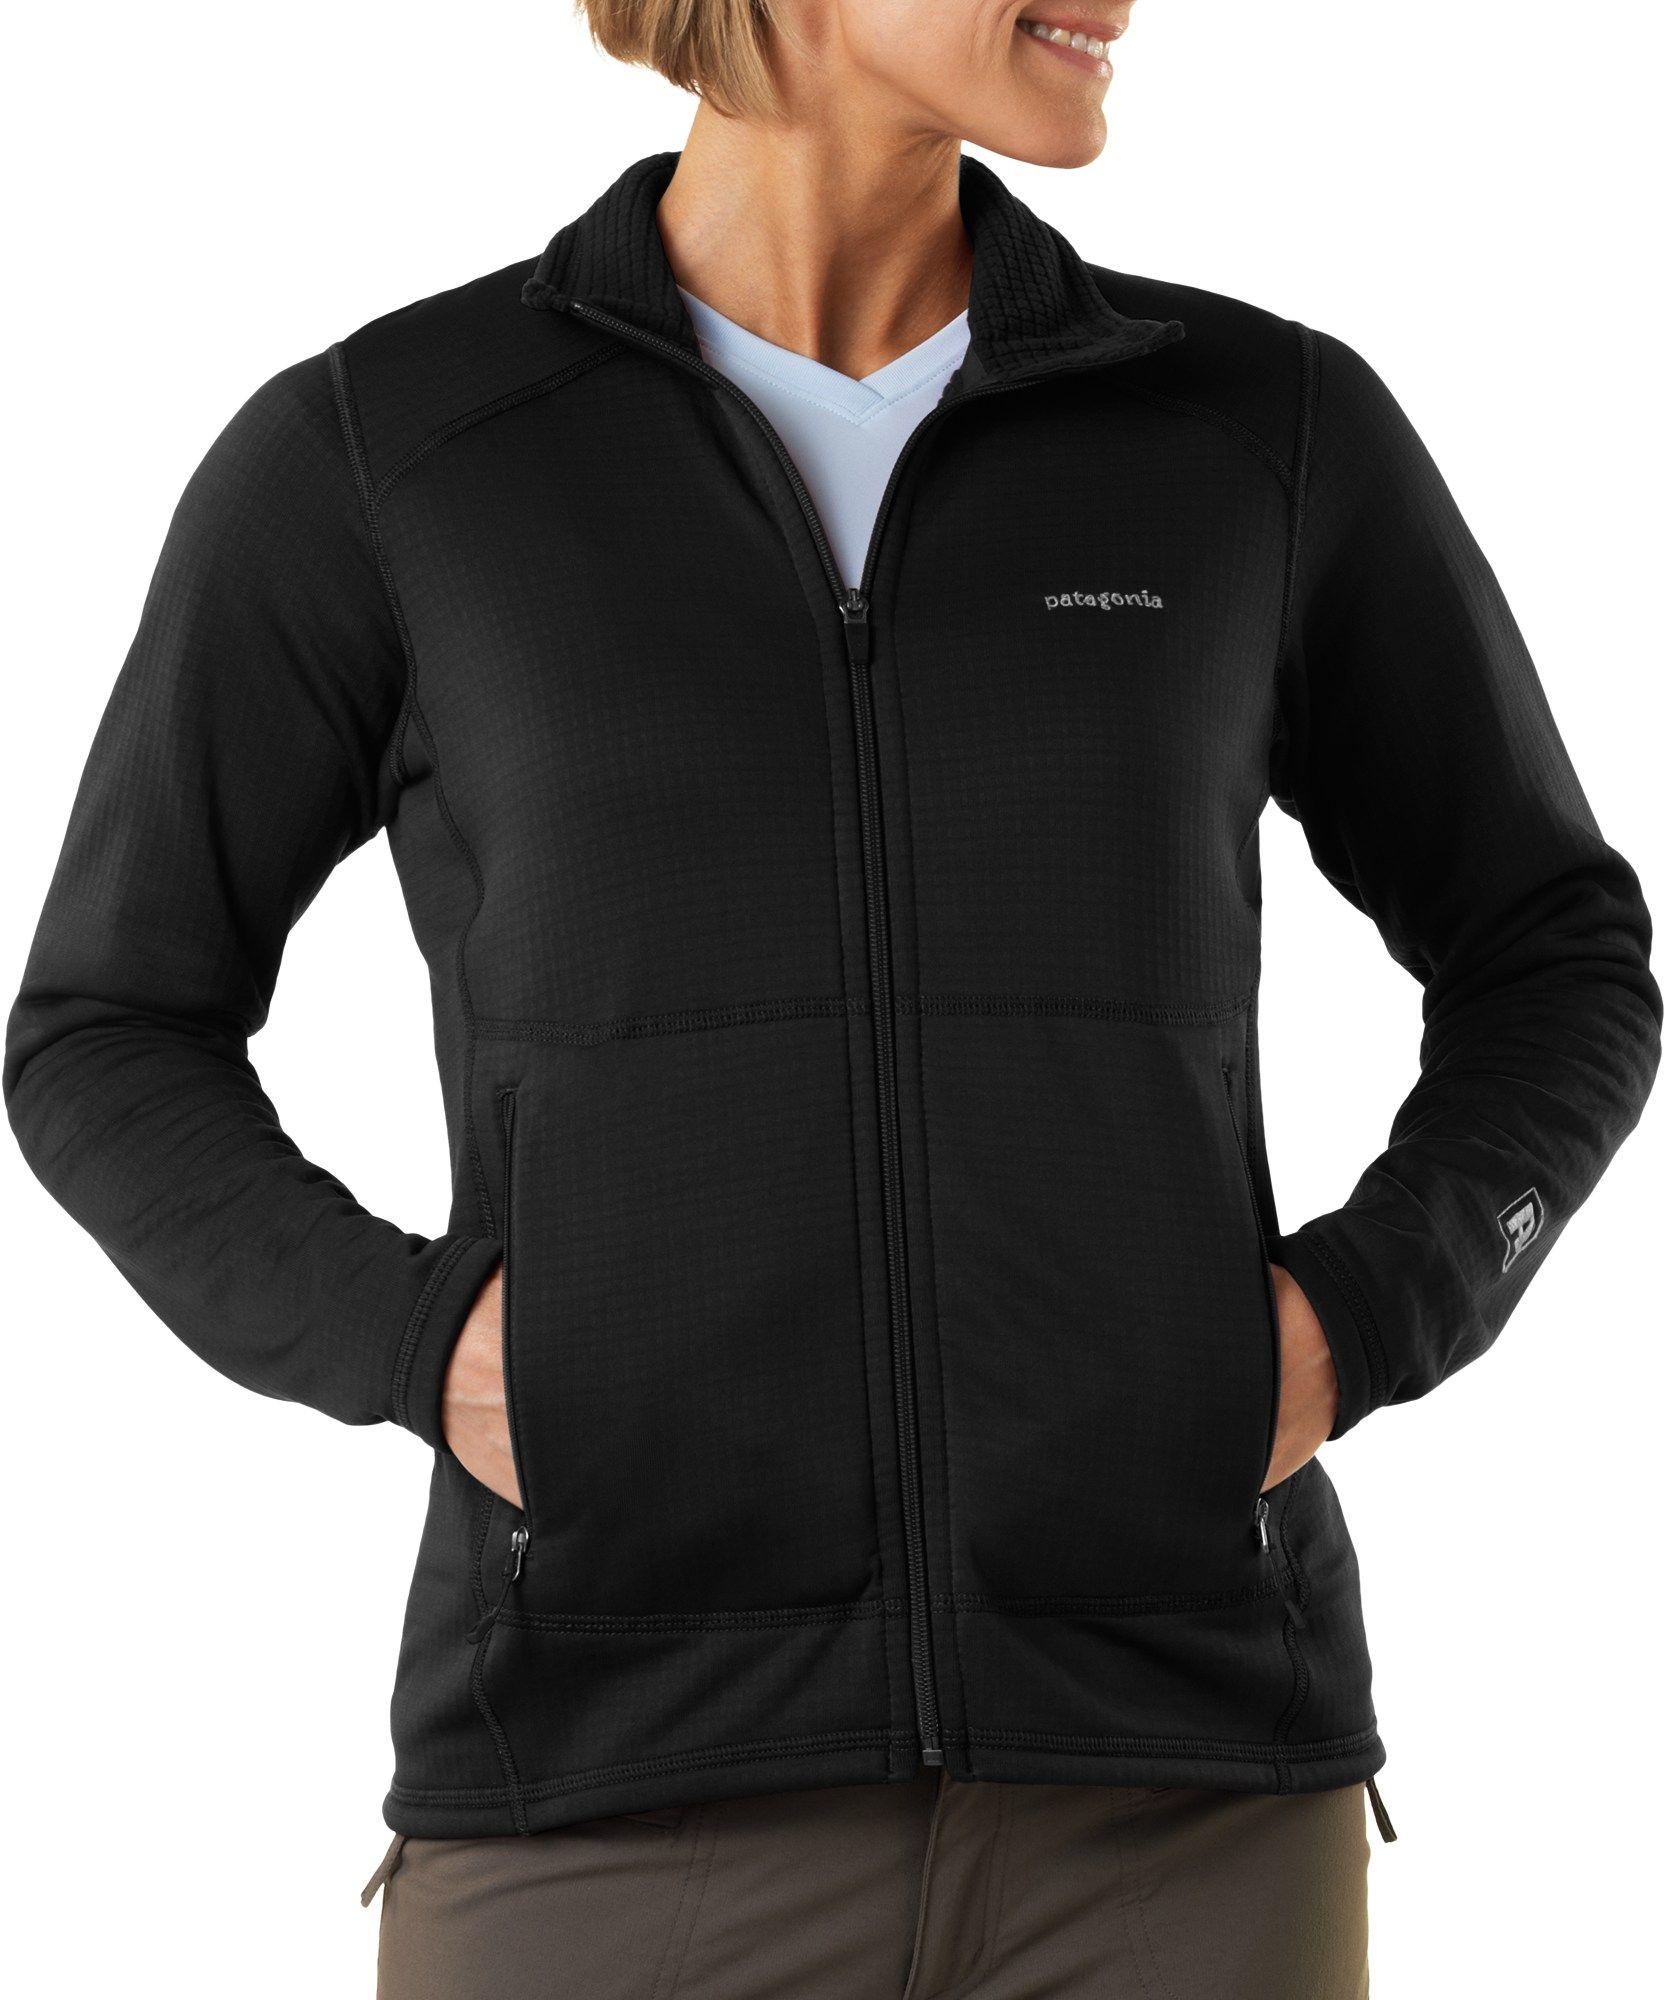 Patagonia R1 Full-Zip Fleece Jacket  248f54faa